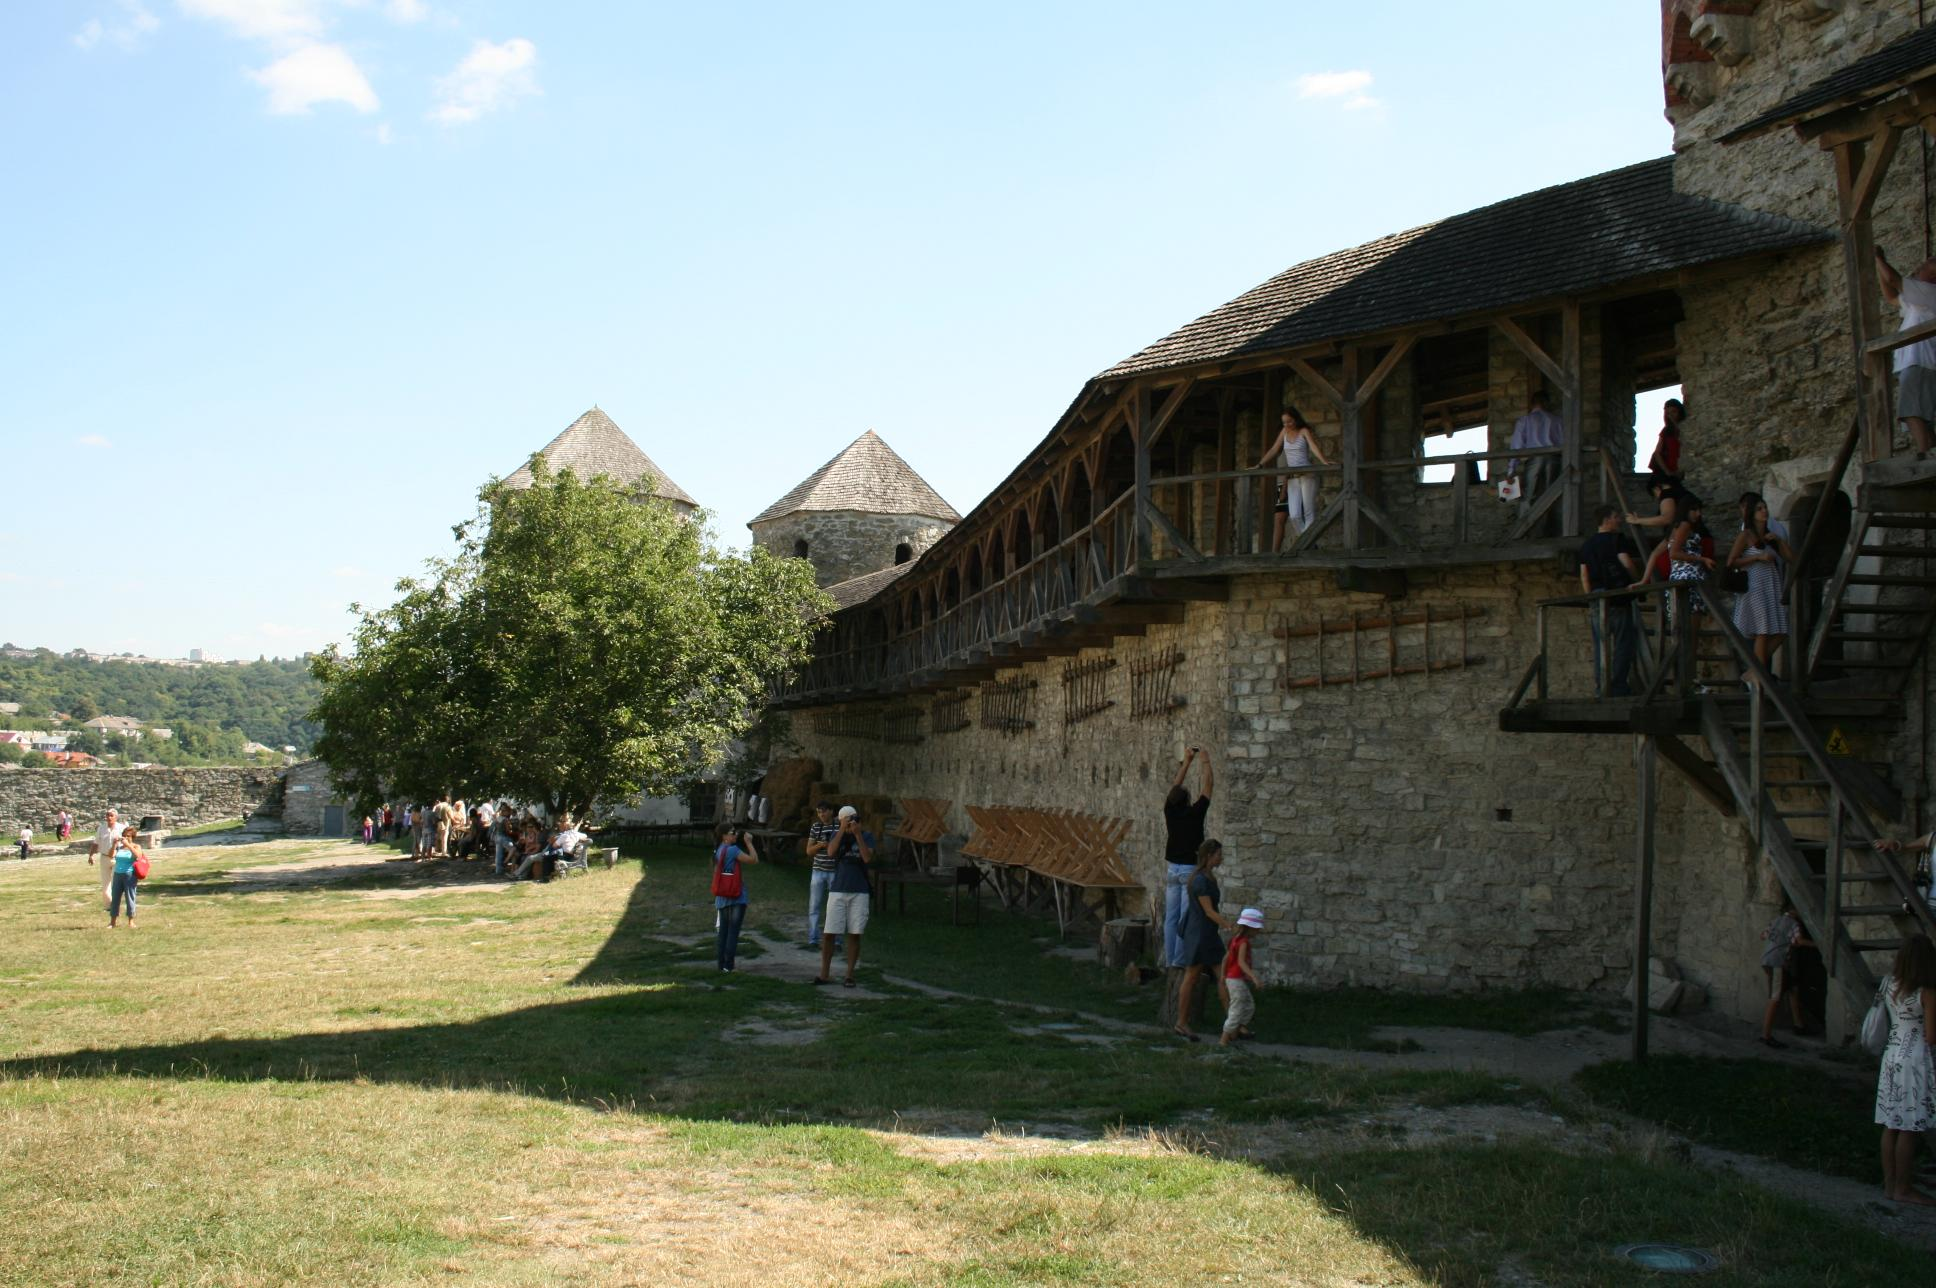 посетители гуляют в крепости Каменца-Подольского